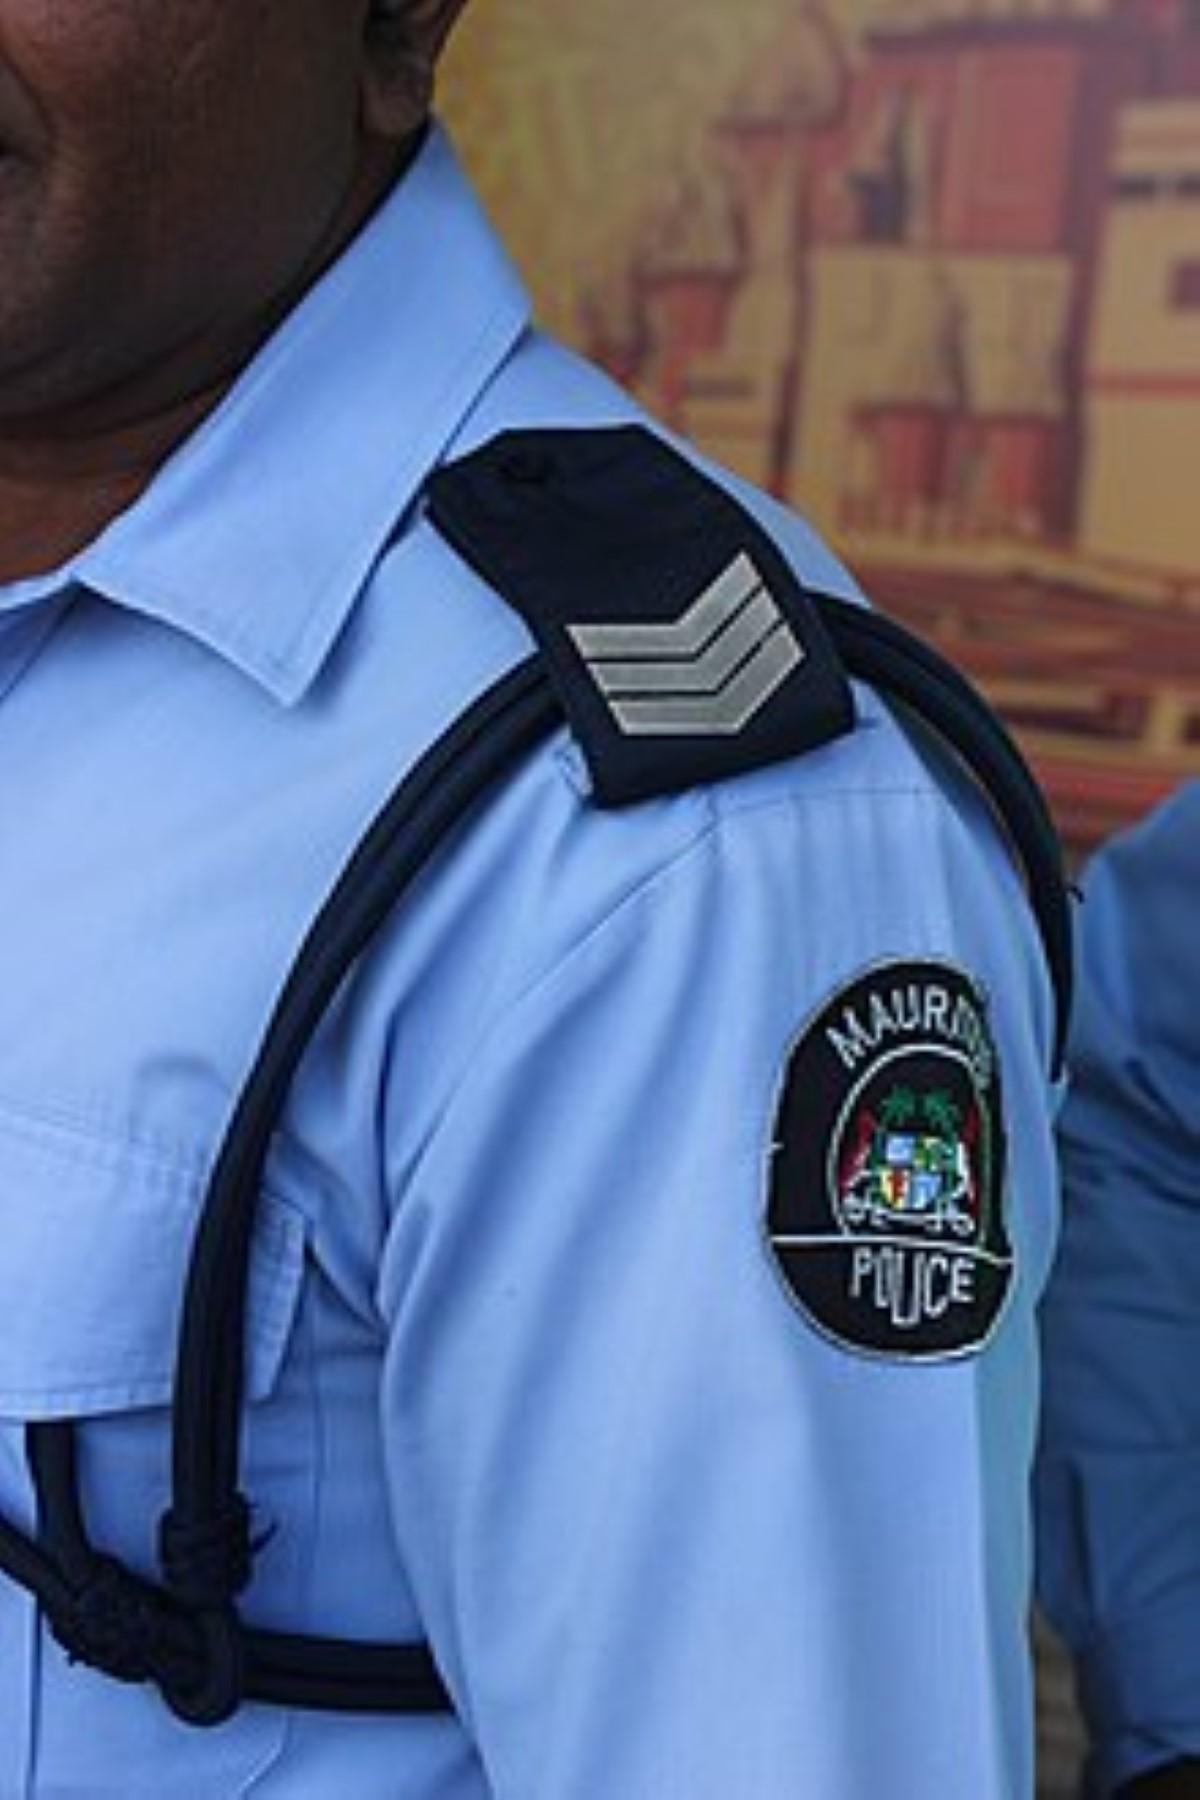 Disparition inquiétante de l'inspecteur Deehoo Narain affecté au poste de police de Goodlands